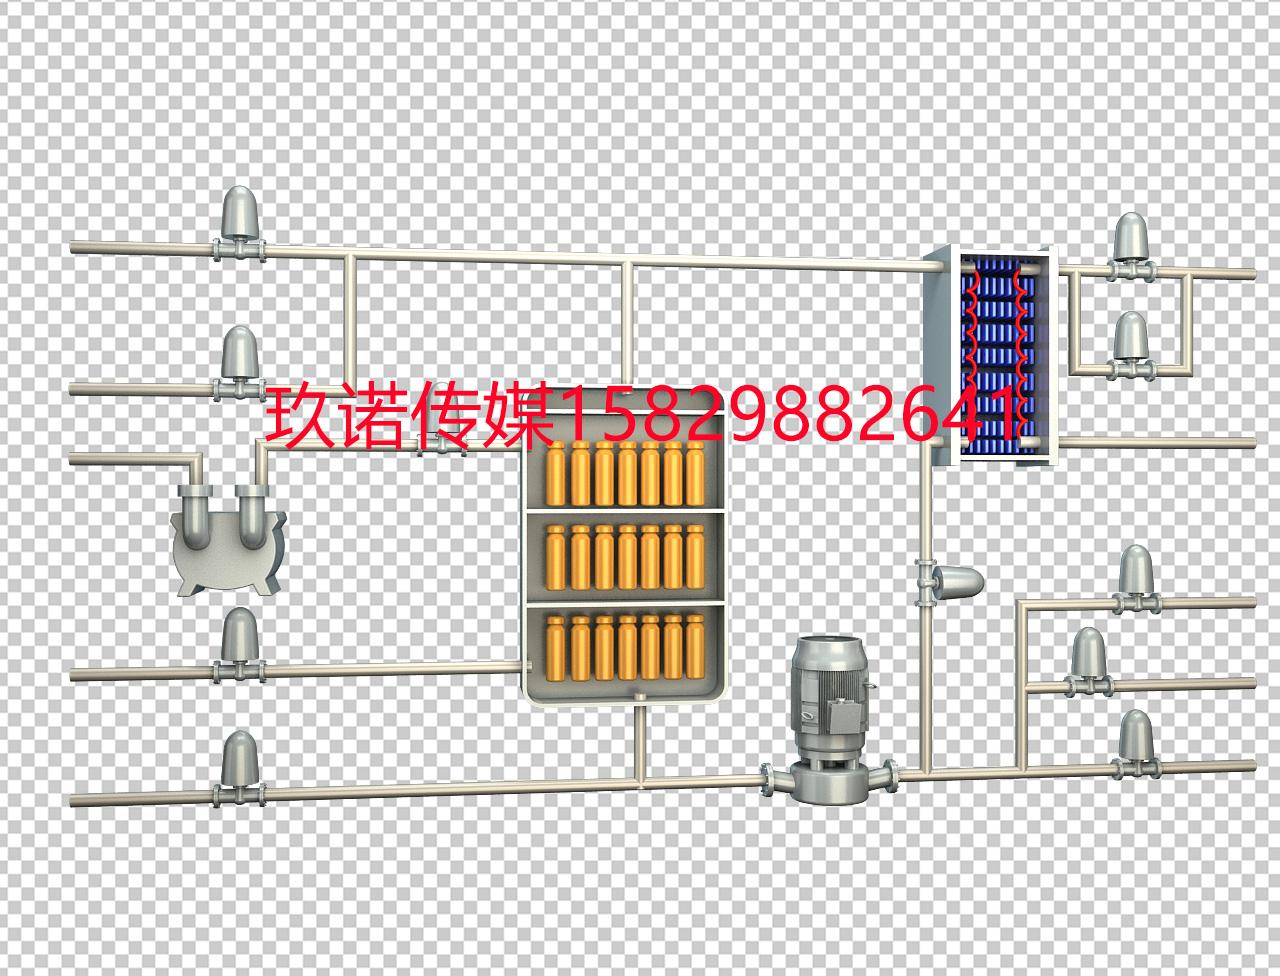 工業流程圖